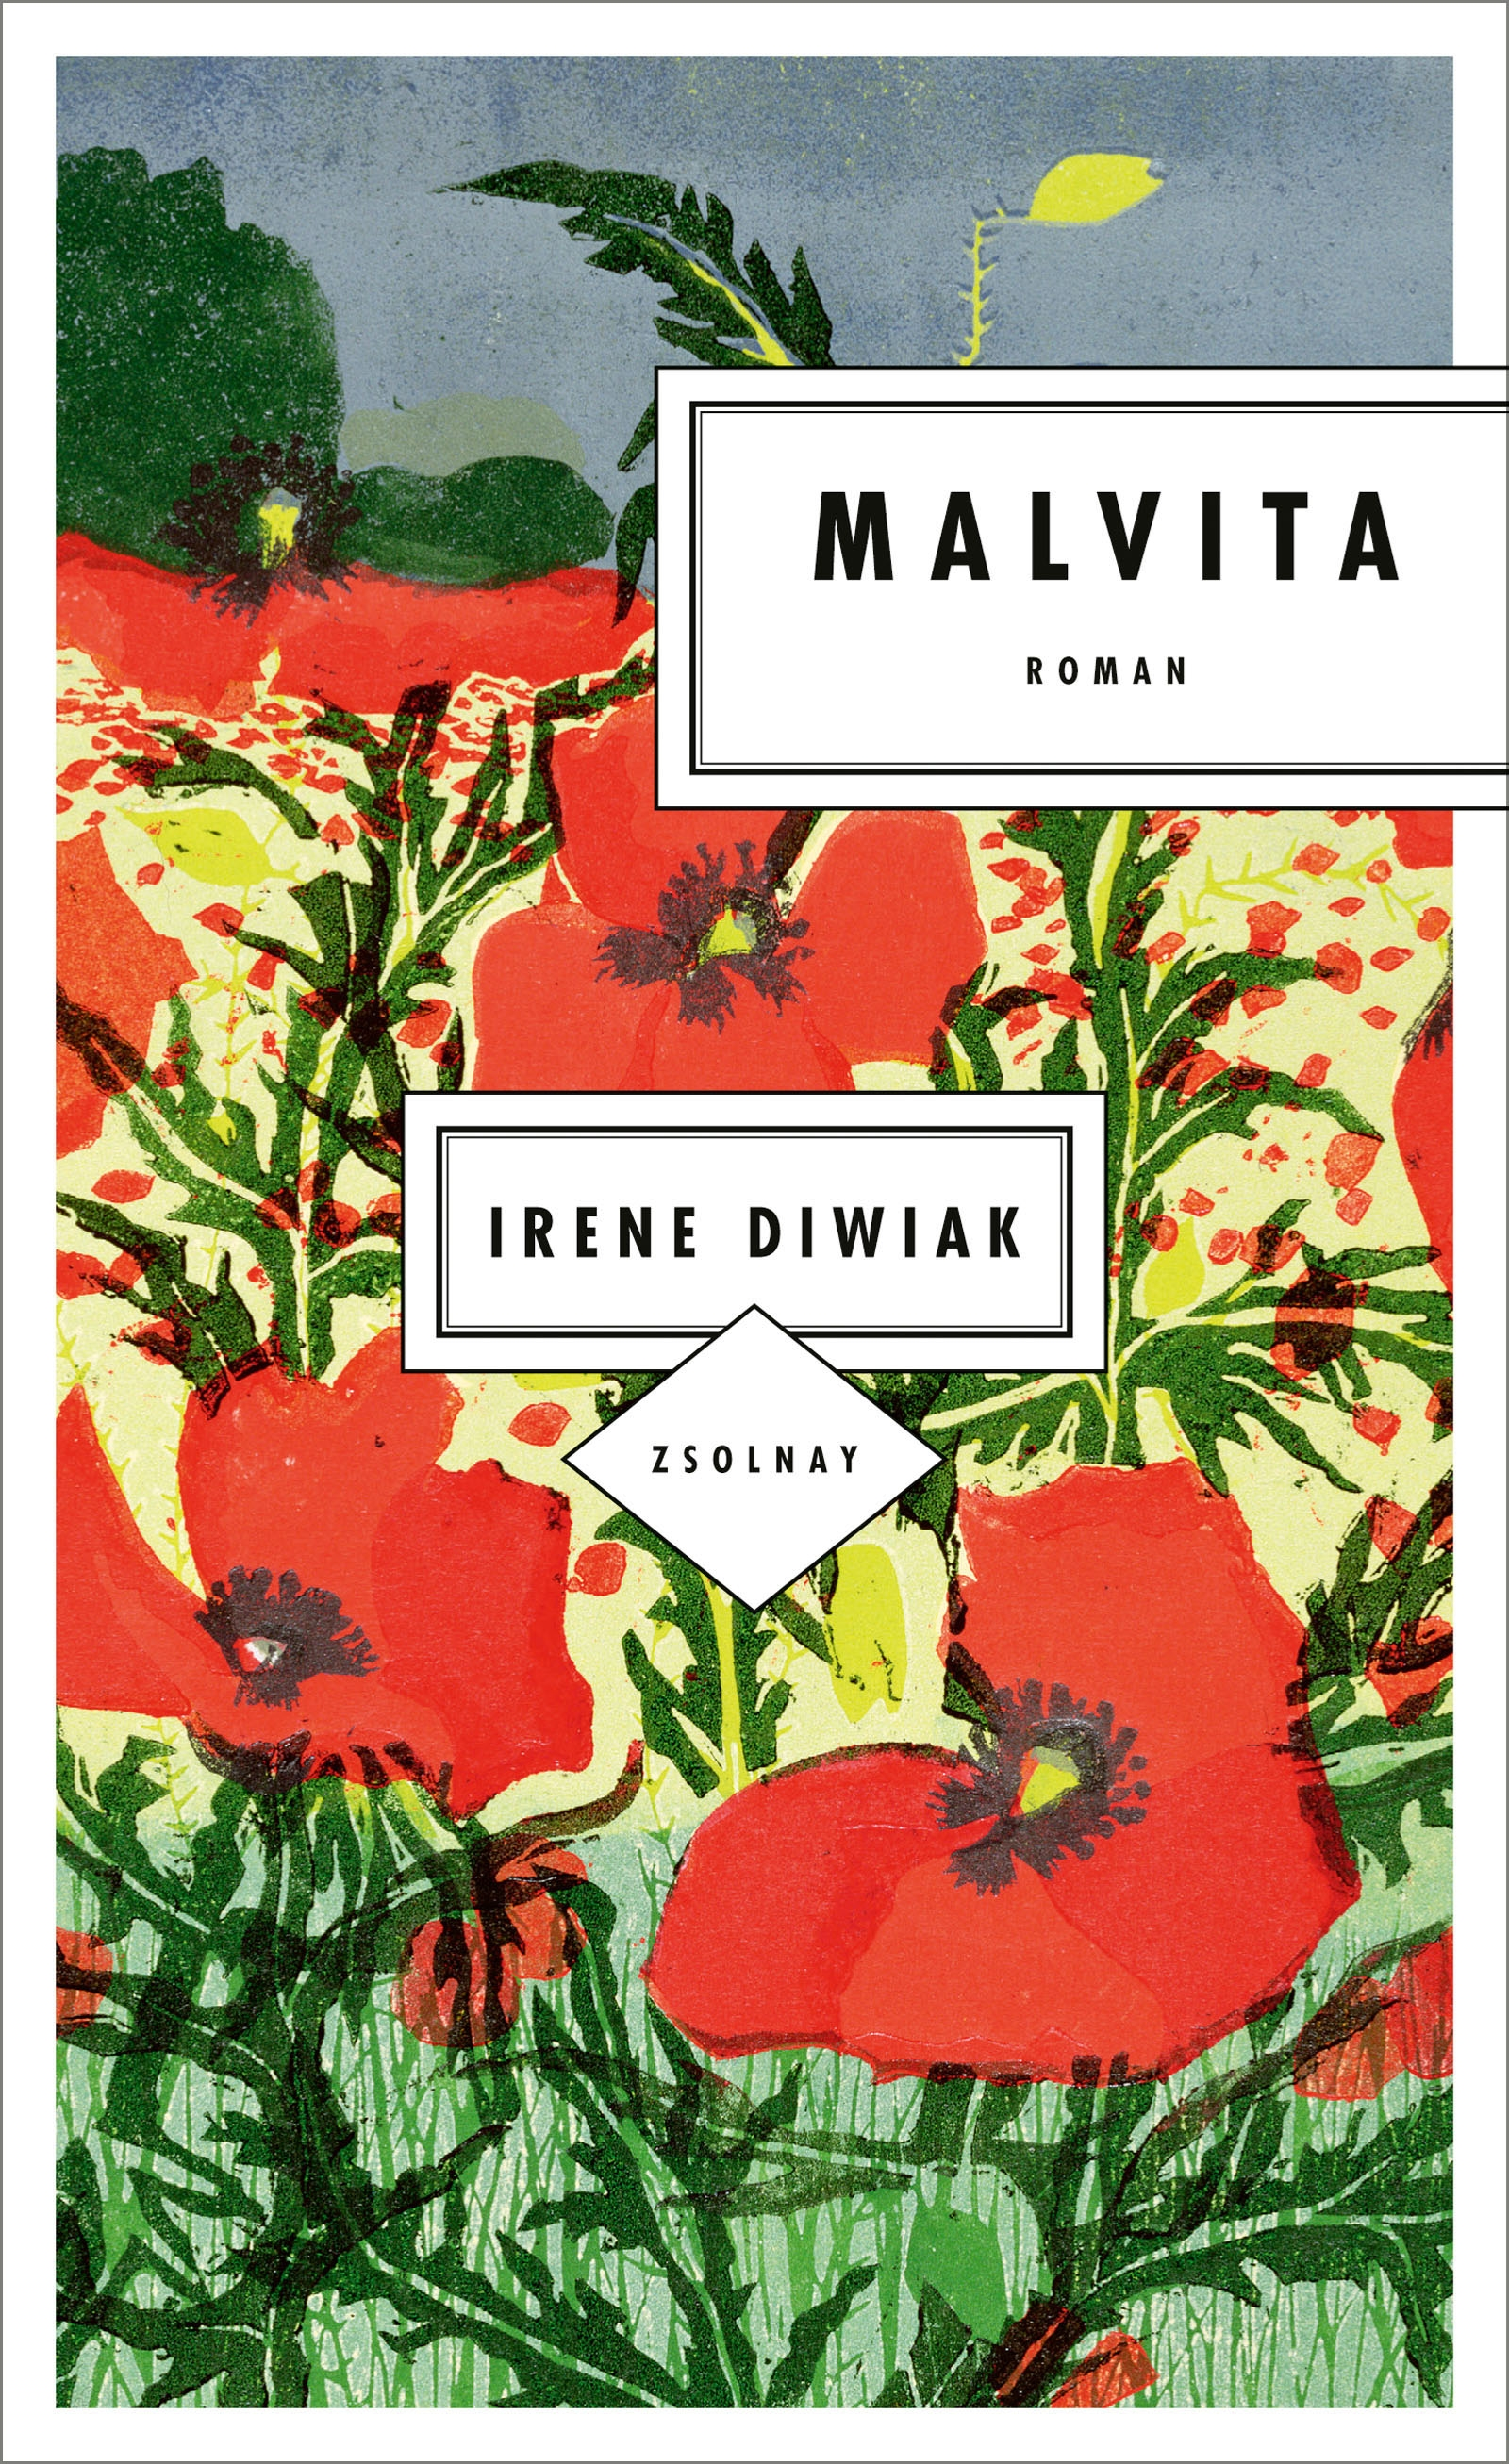 Malvita